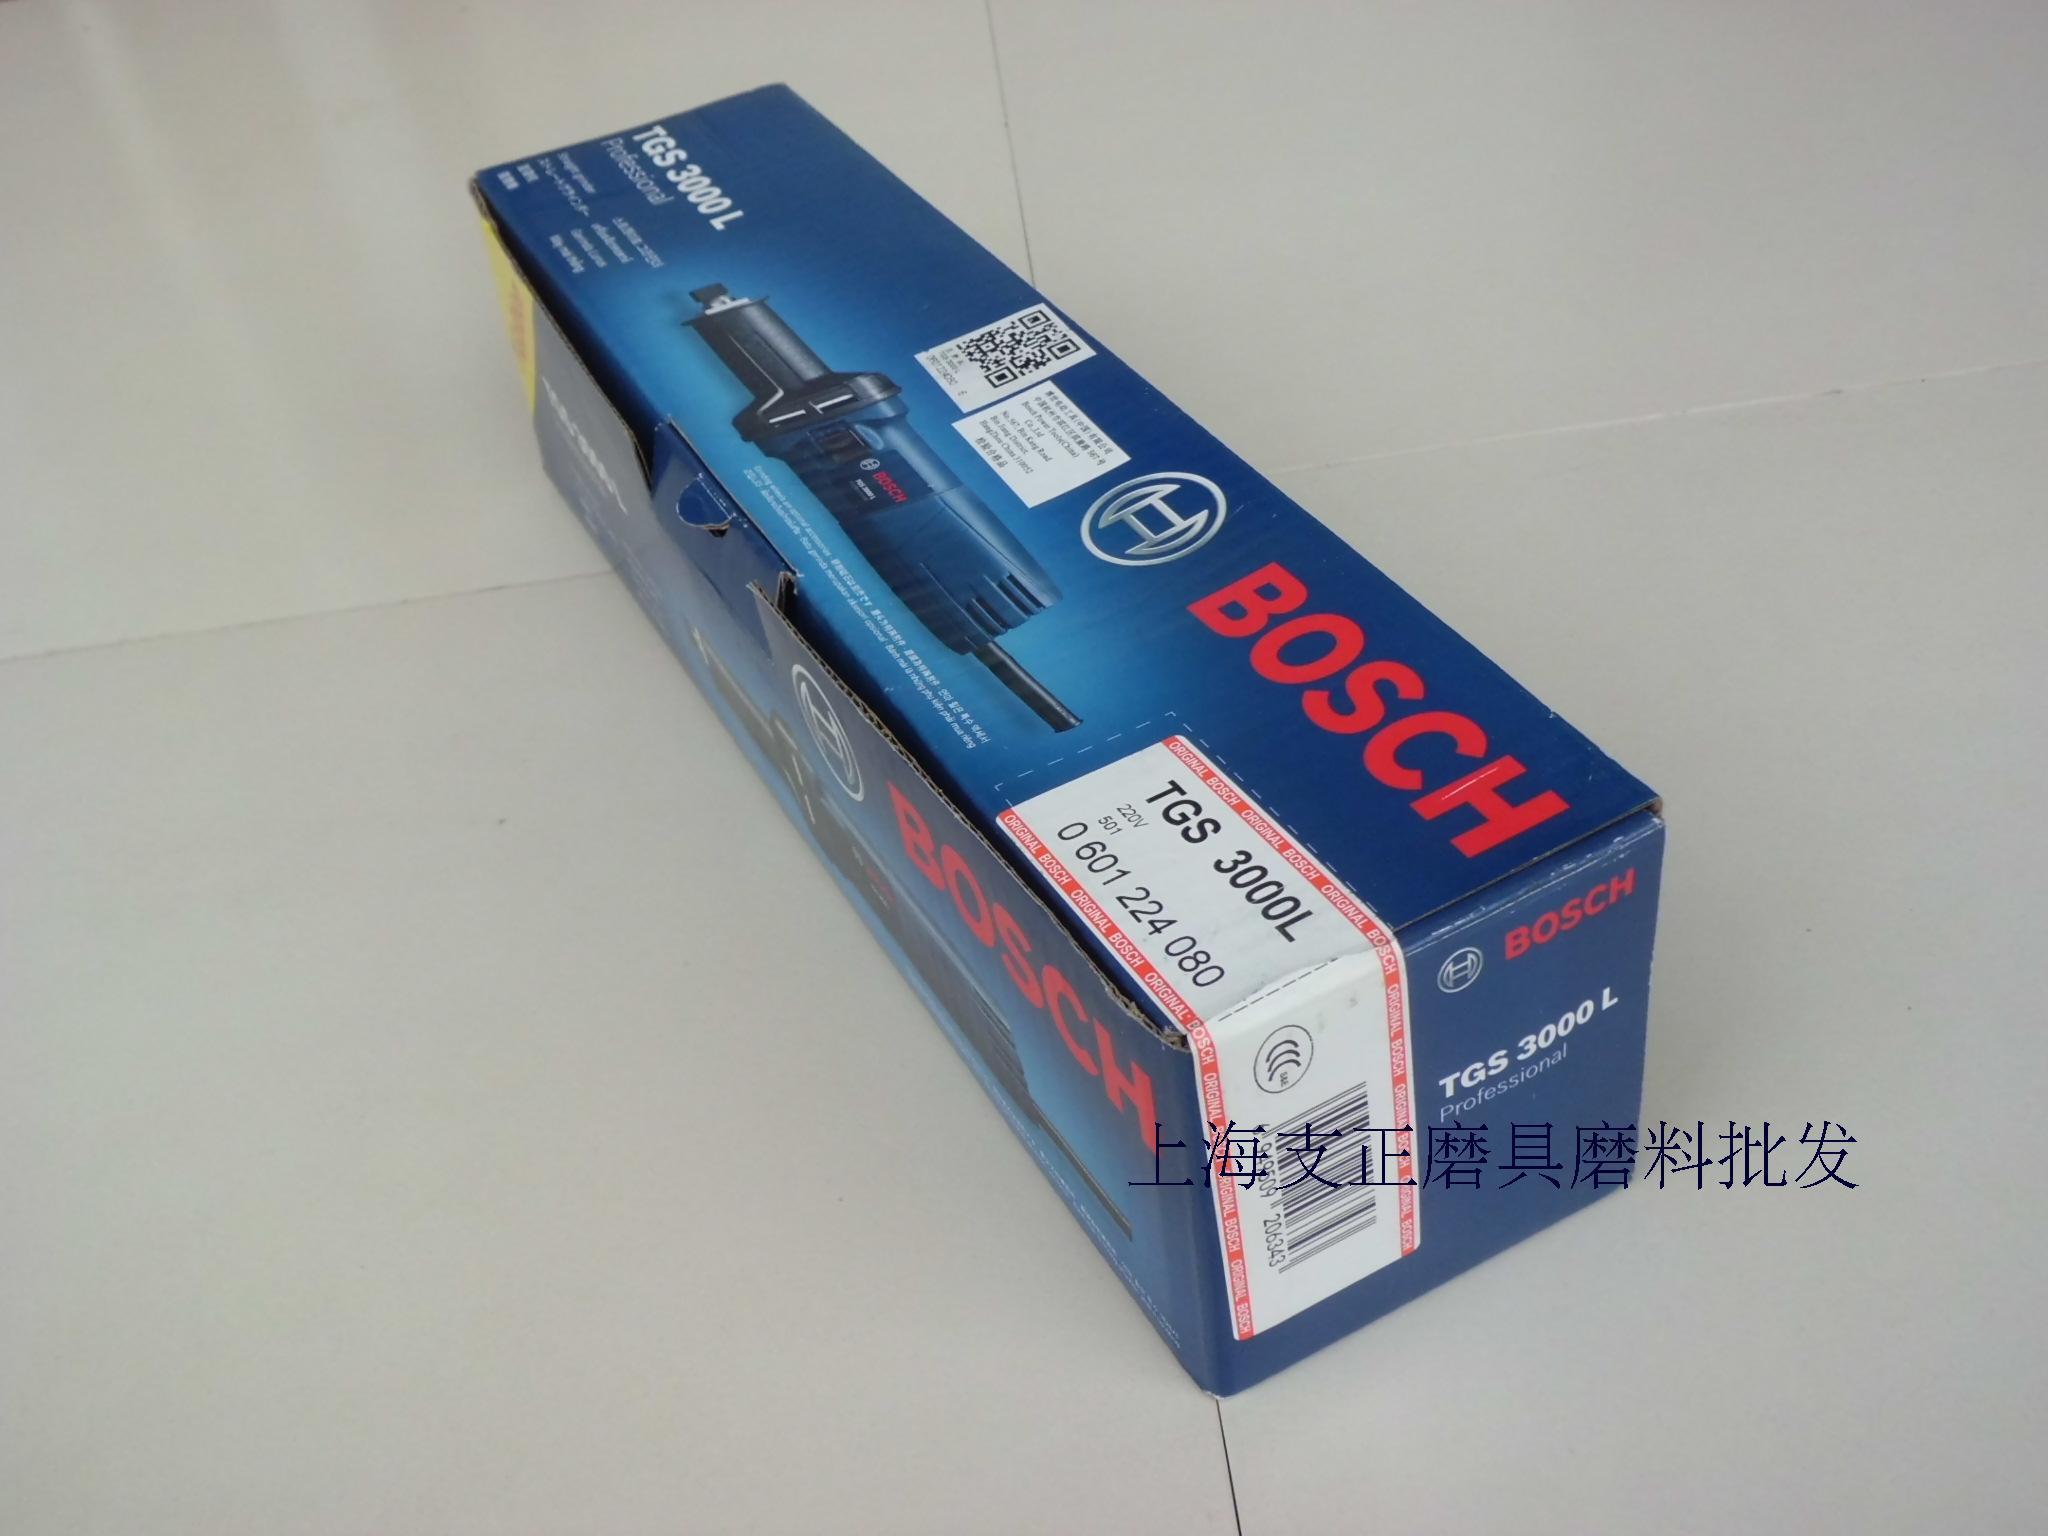 原装博士TGS3000L直磨机内磨机6mm夹头正品BOSCH 3台包邮